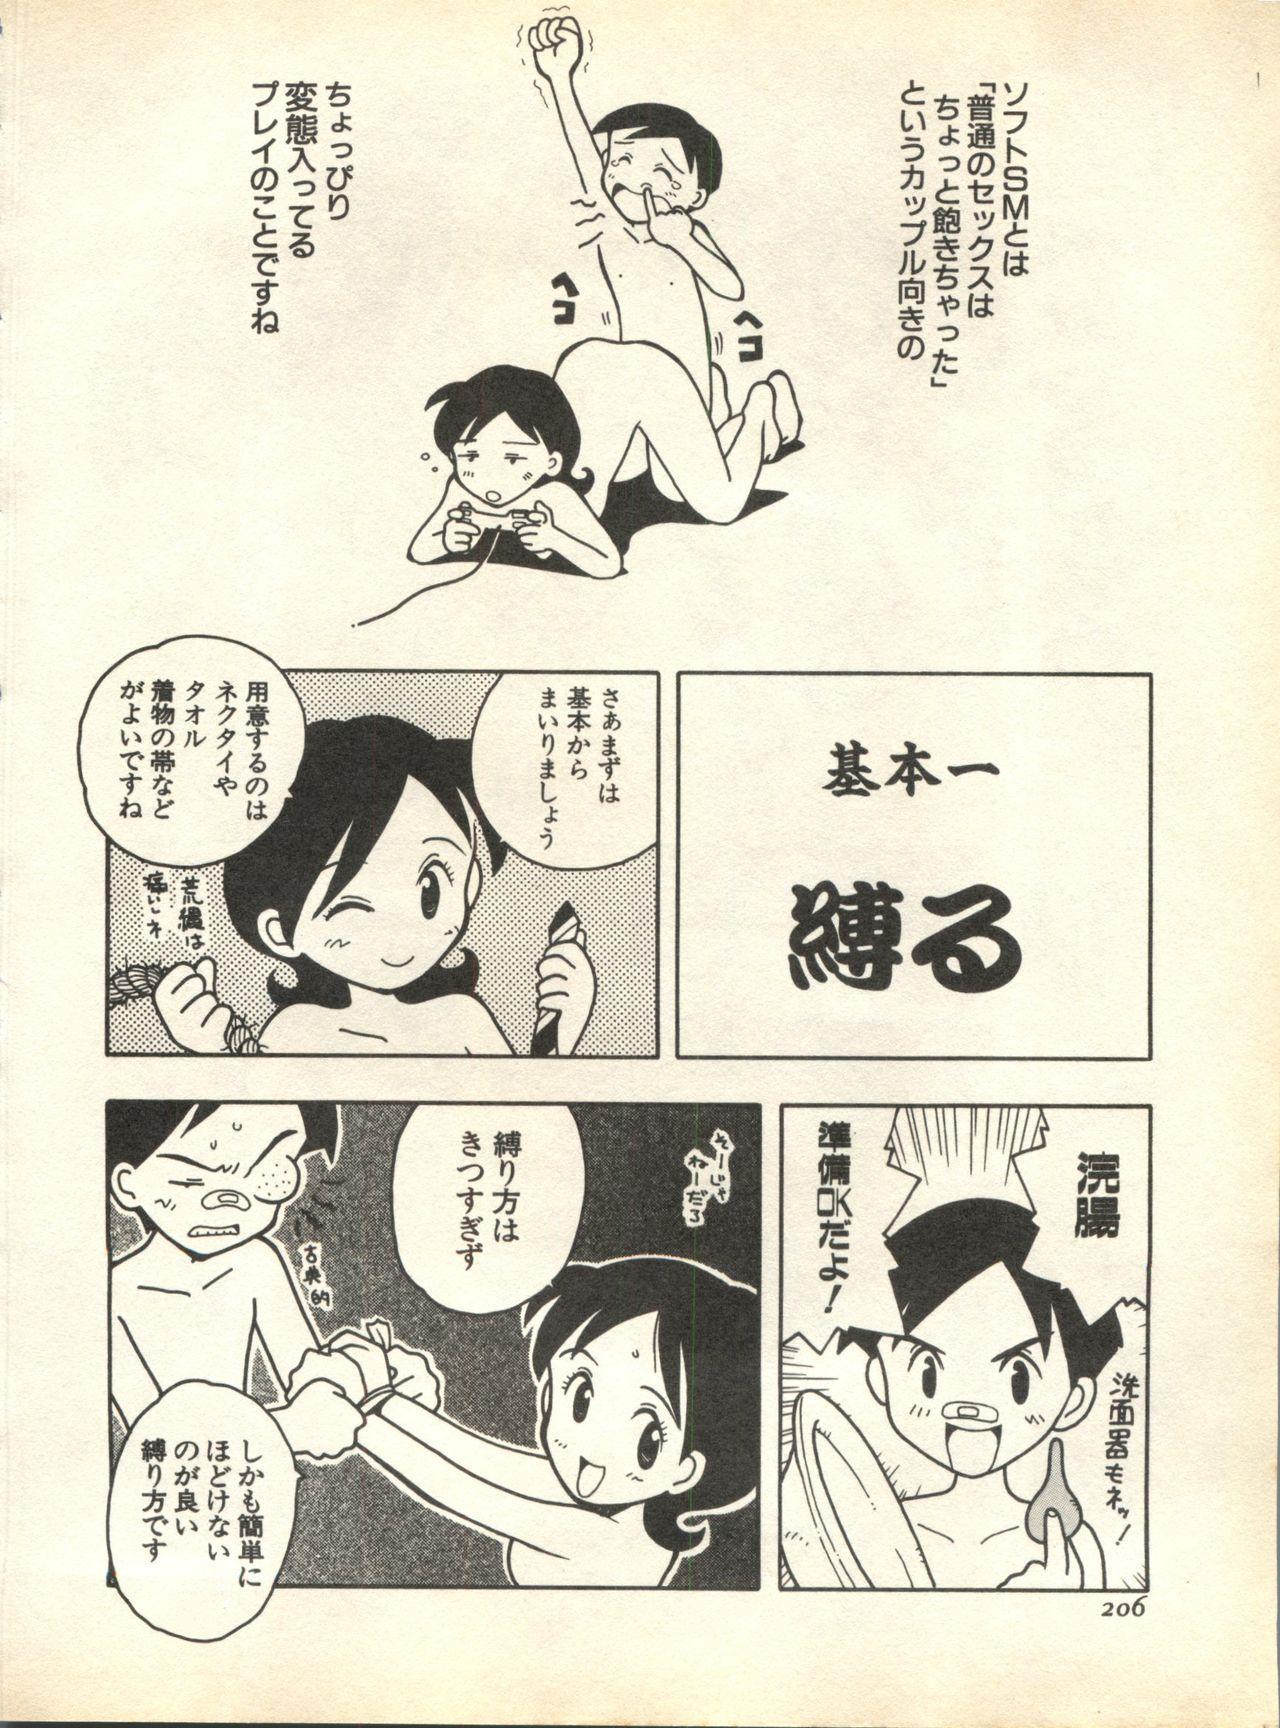 Pai;kuu 1998 October Vol. 13 205